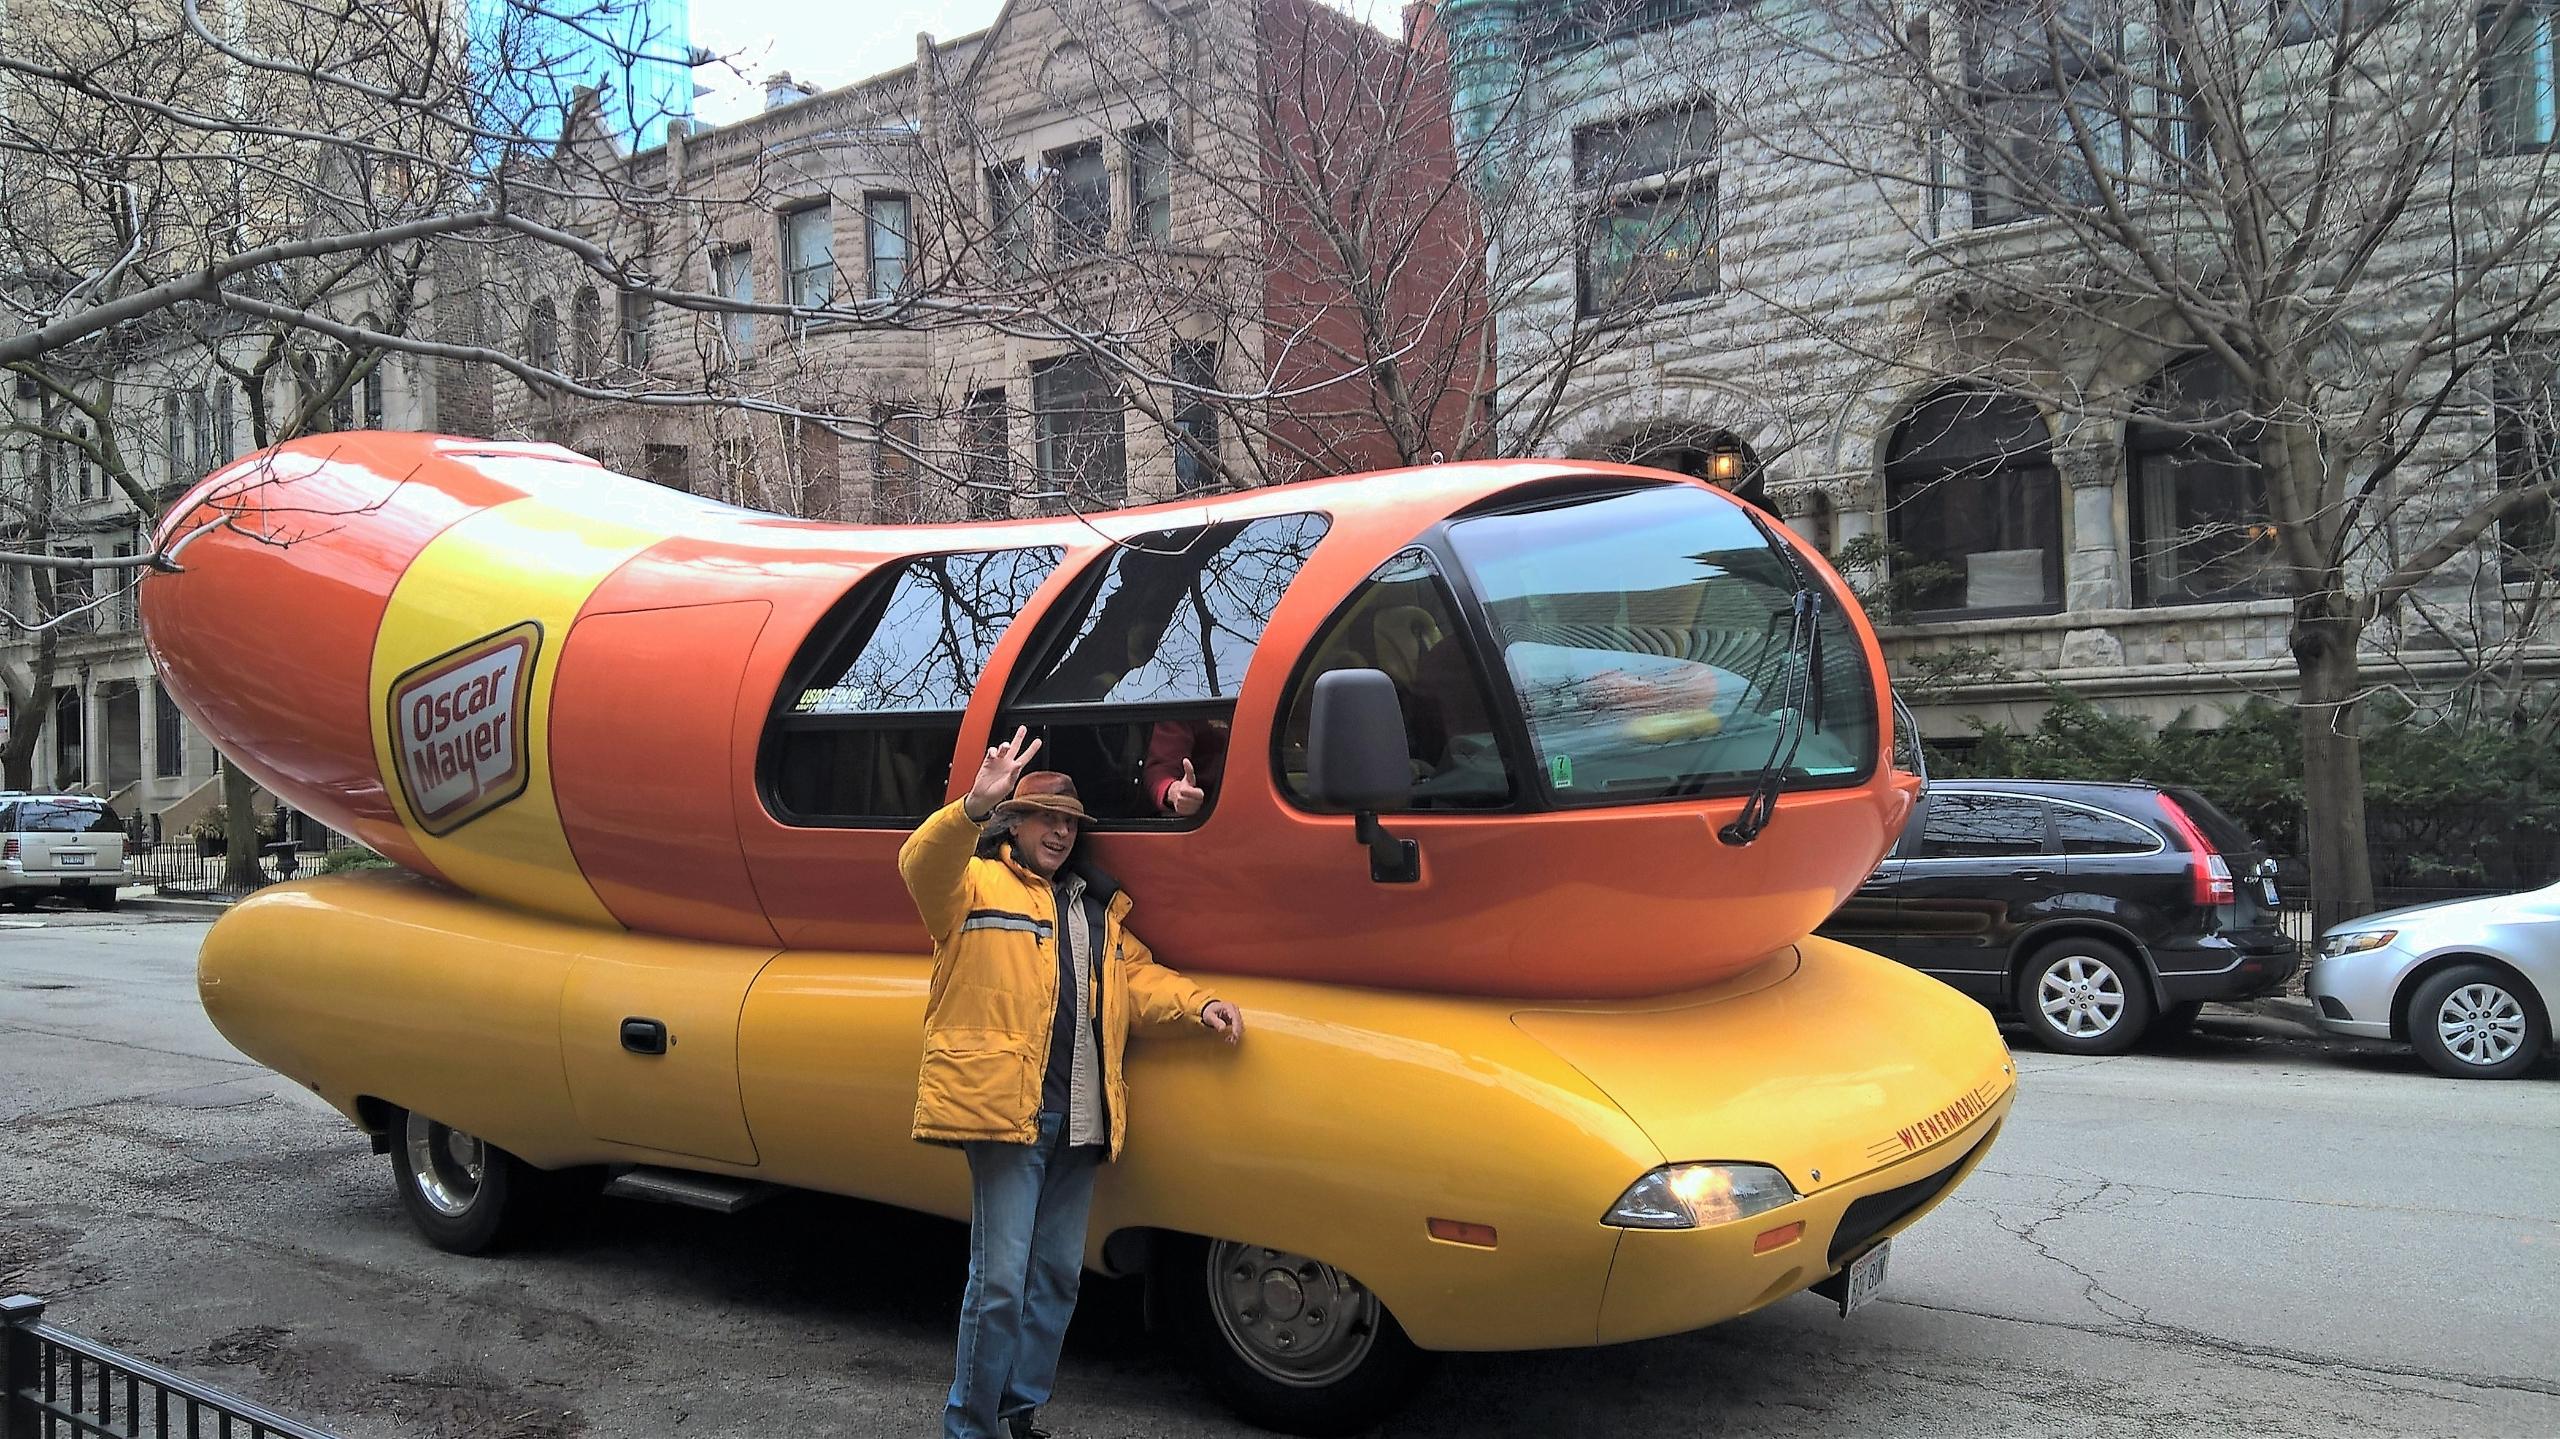 Hotdog - manualmystique | ello